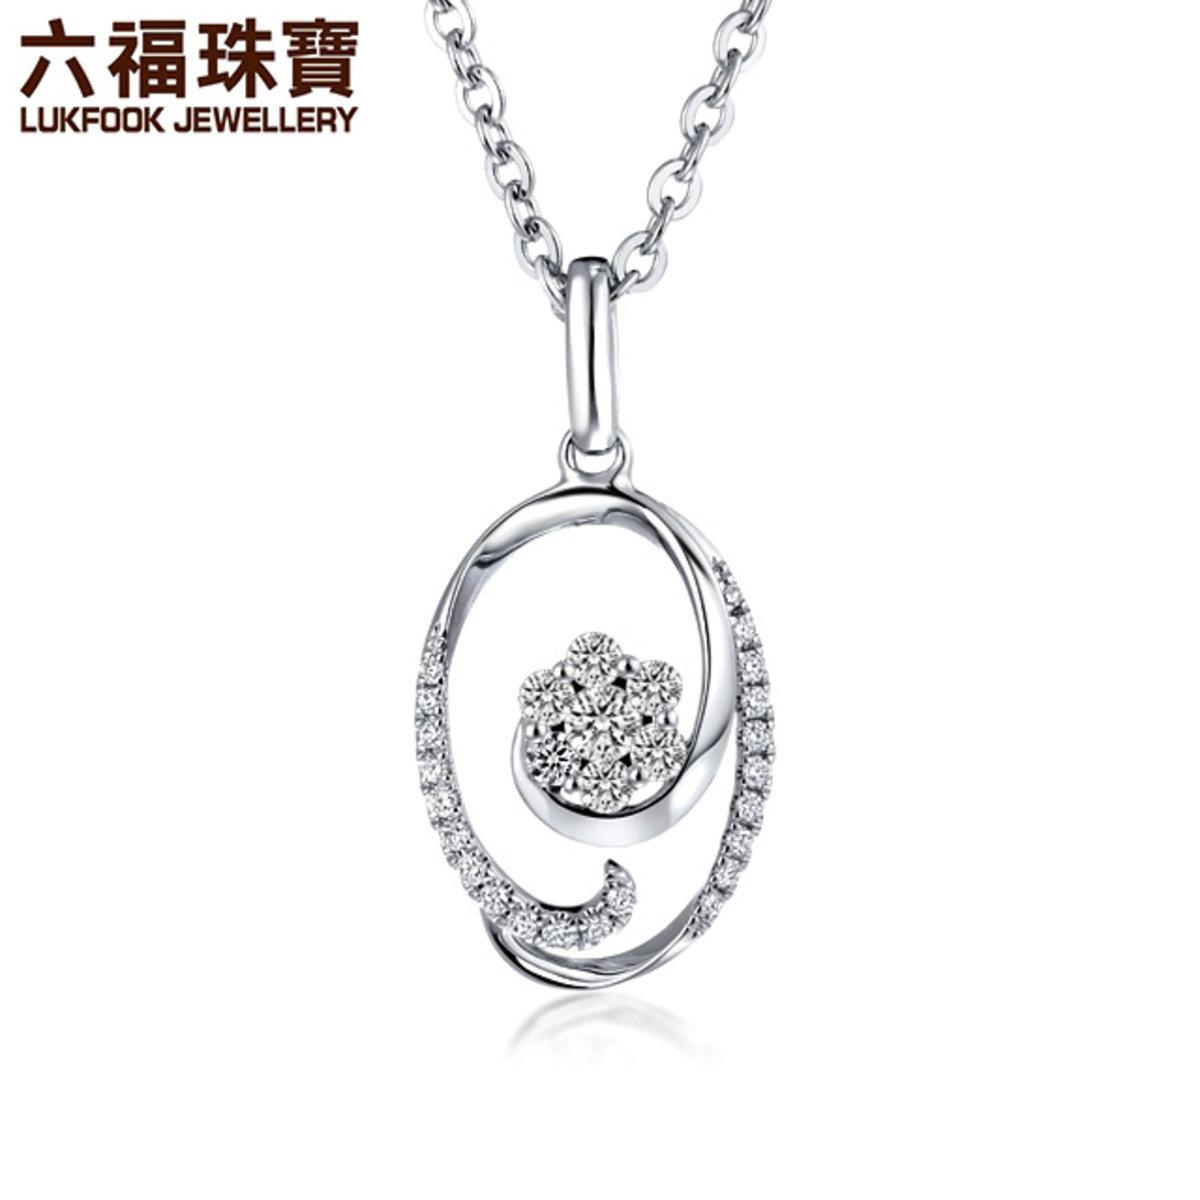 亮聚 女裝 18K/750金(白色)鑲鑽石吊墜